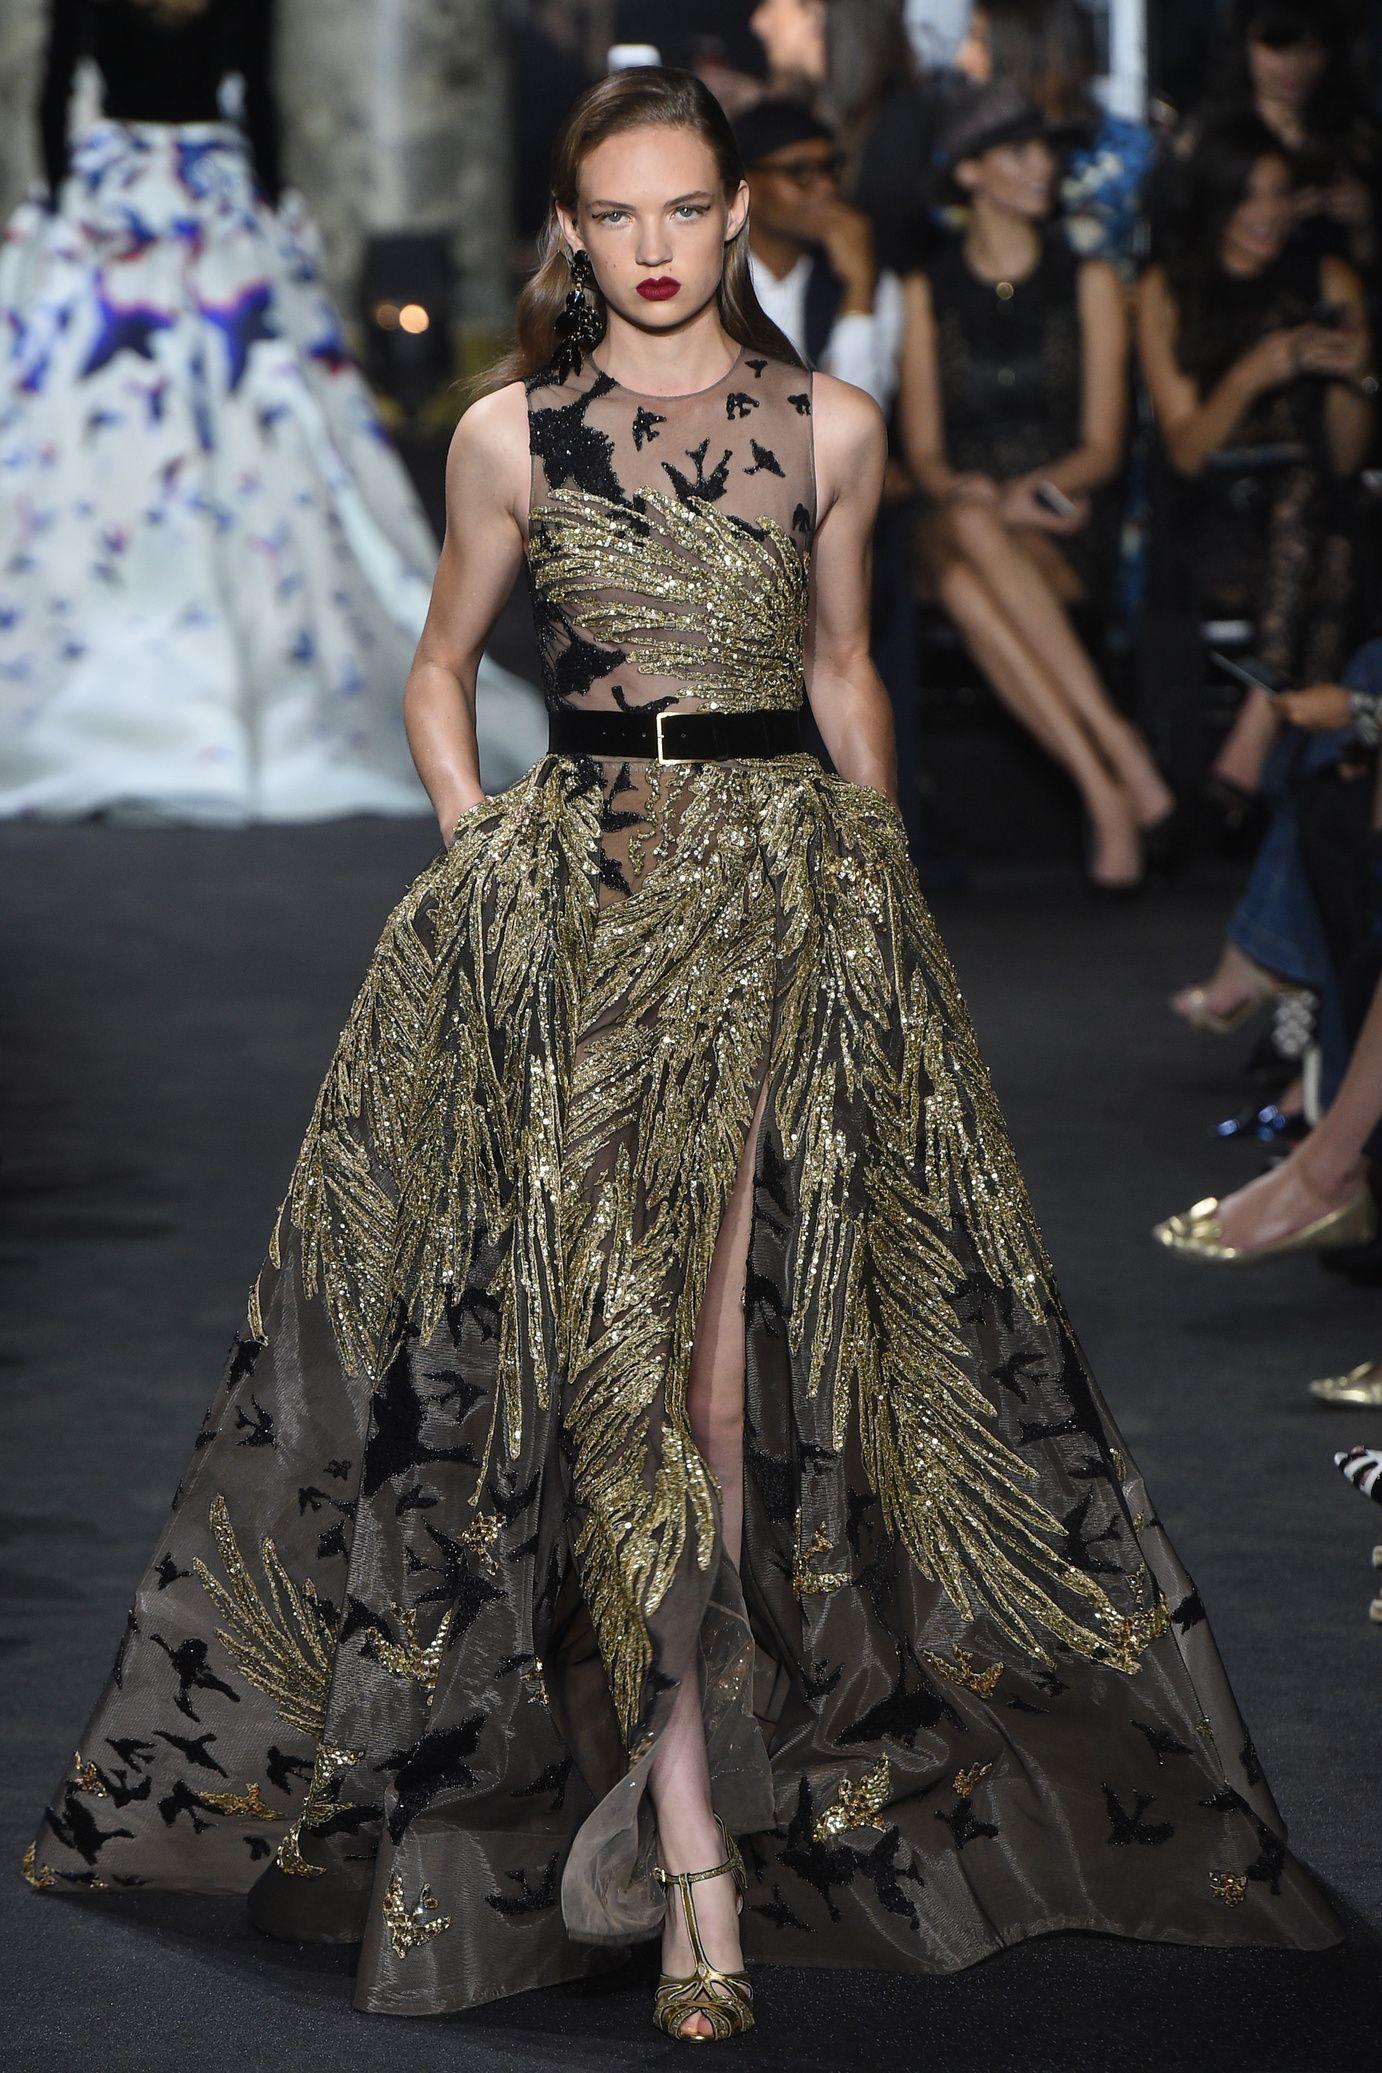 27be47cece90 Défilé Elie Saab Haute Couture automne-hiver 2016-2017 12